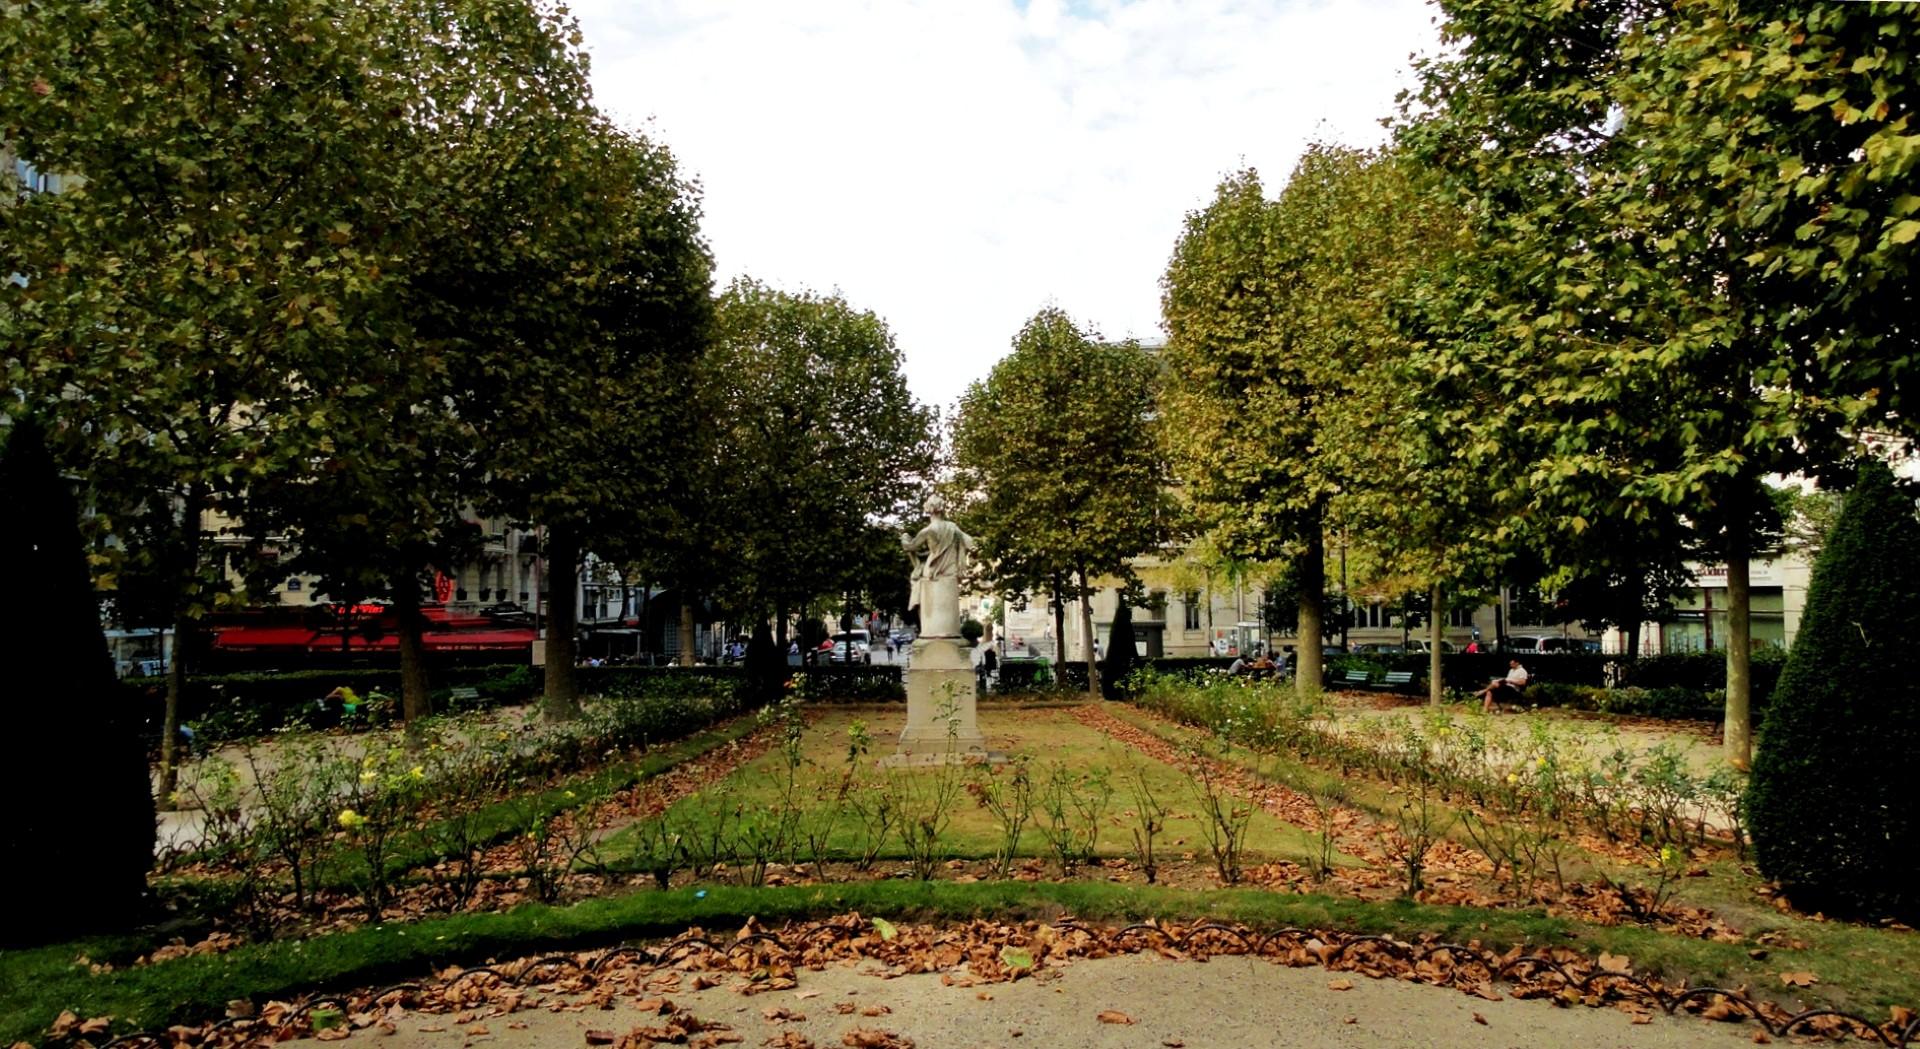 Balade dans le 15e - Place Adolphe Adolphe Chérioux